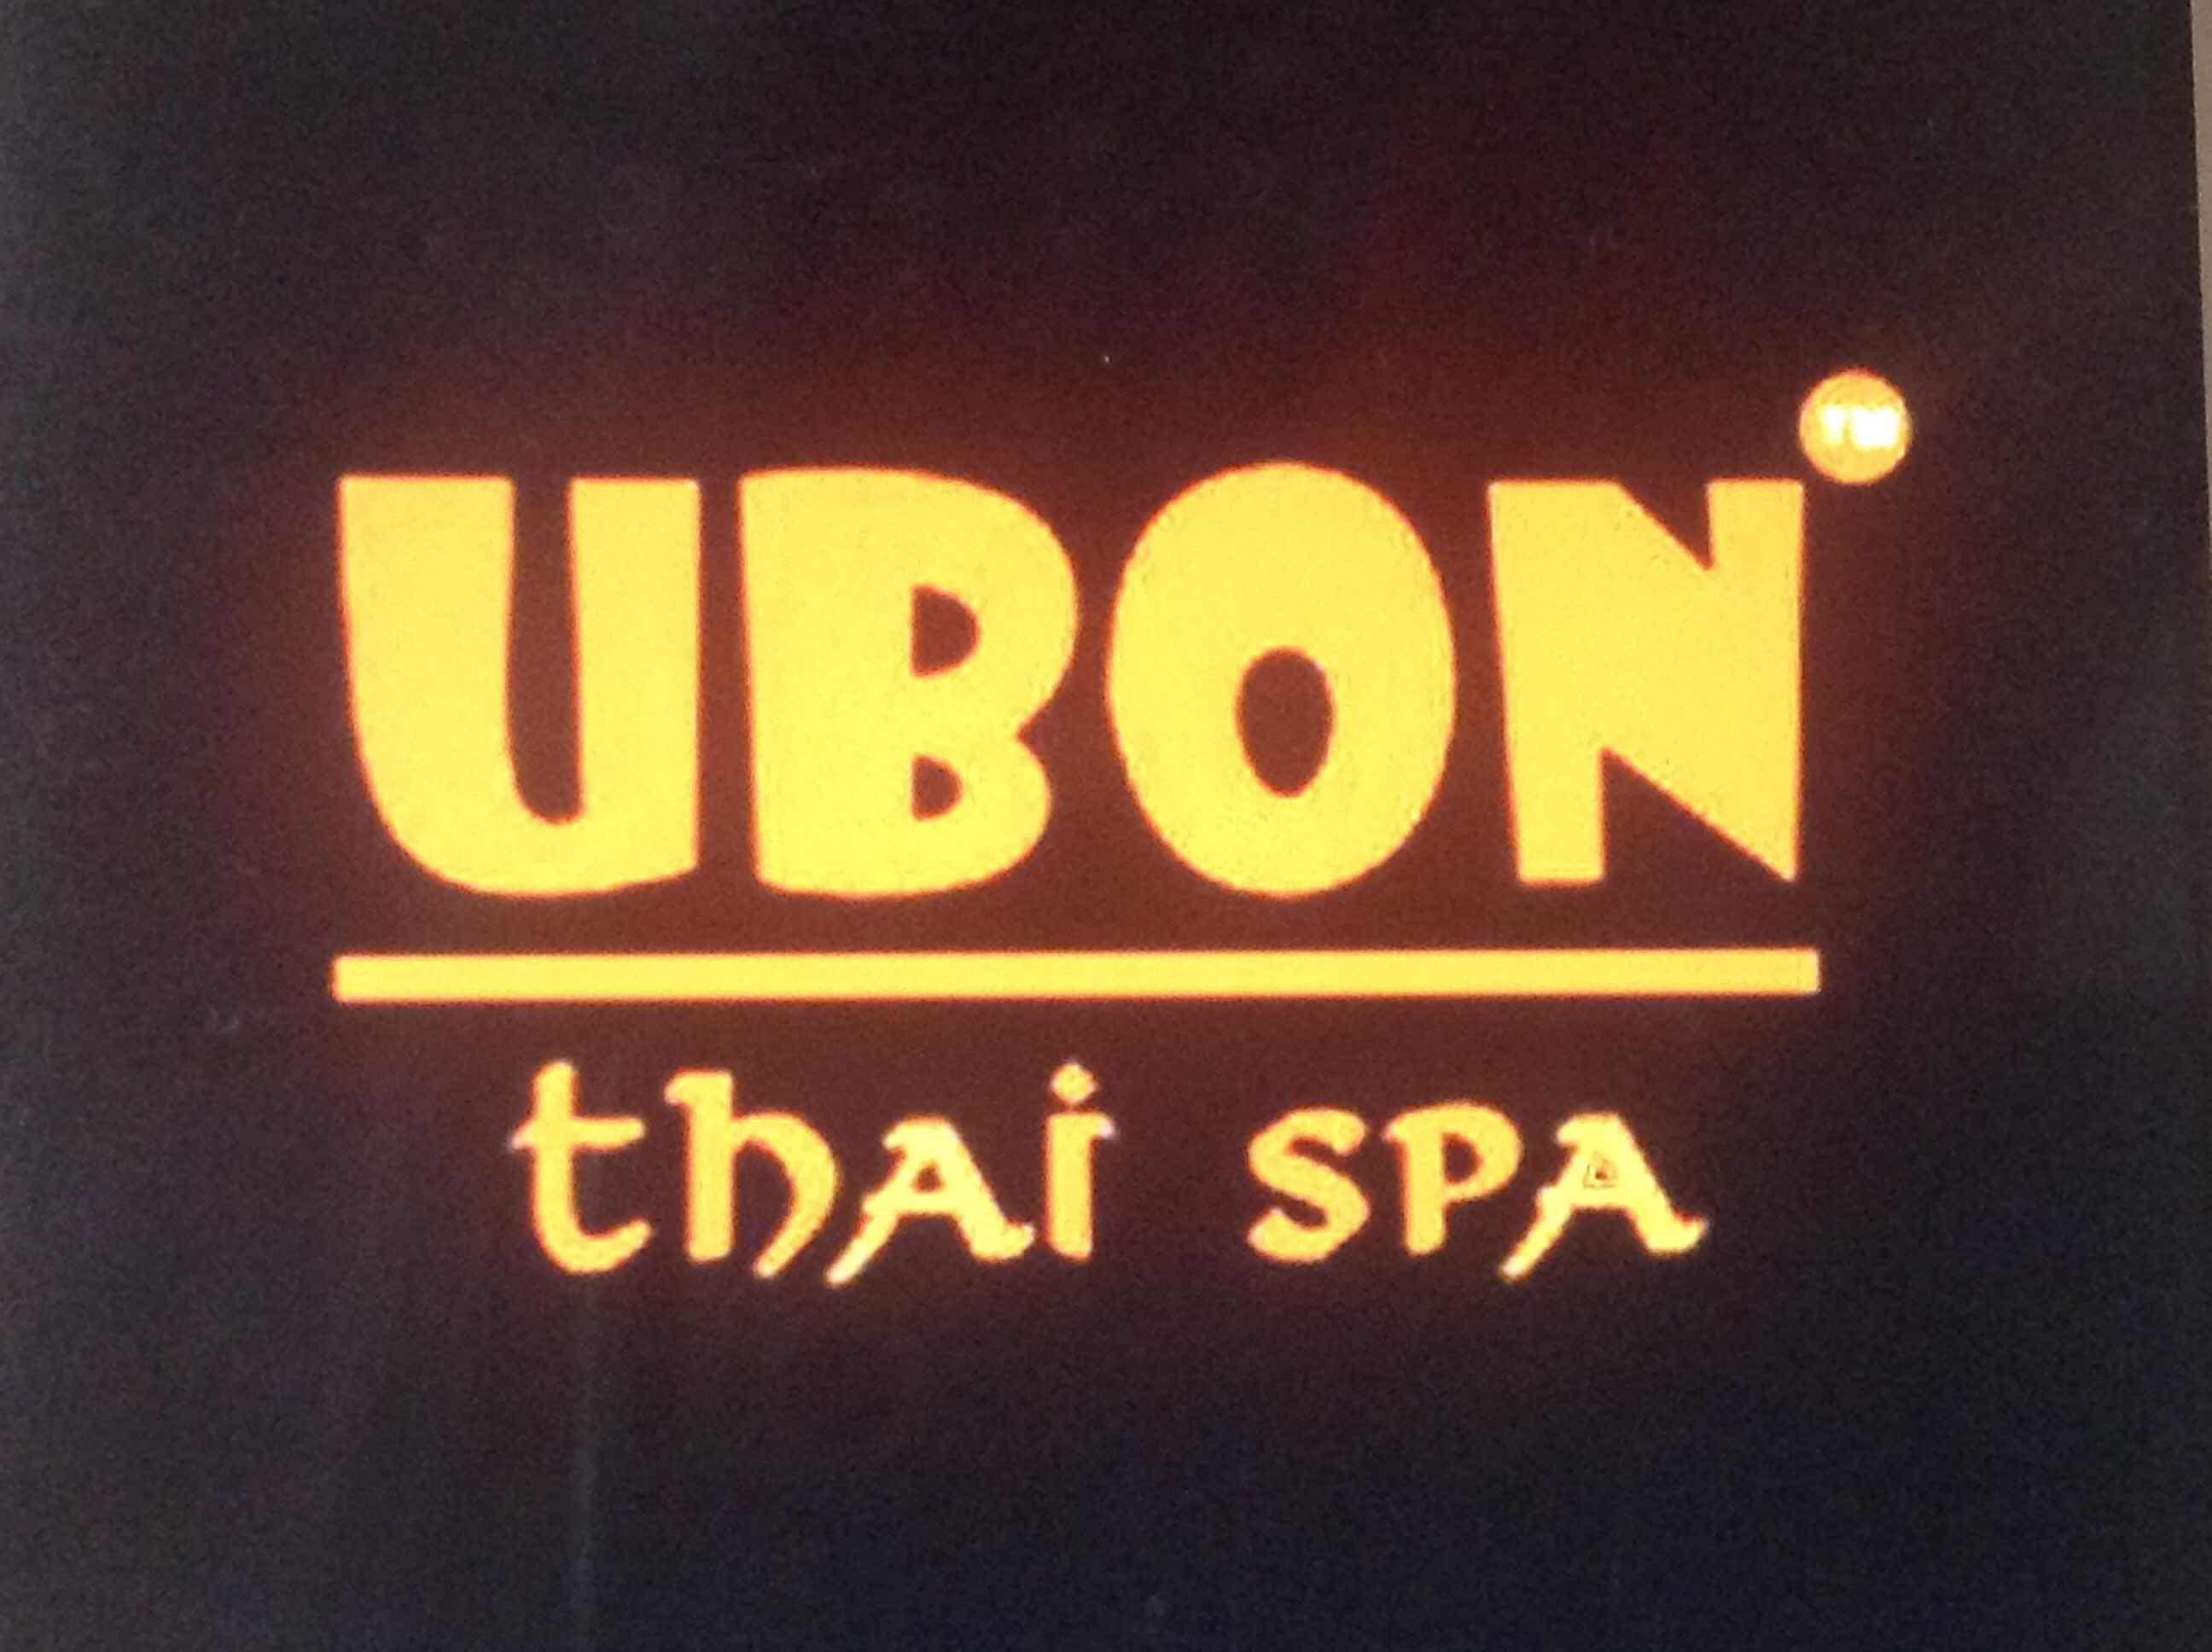 thaimassage bagarmossen ubon thai massage